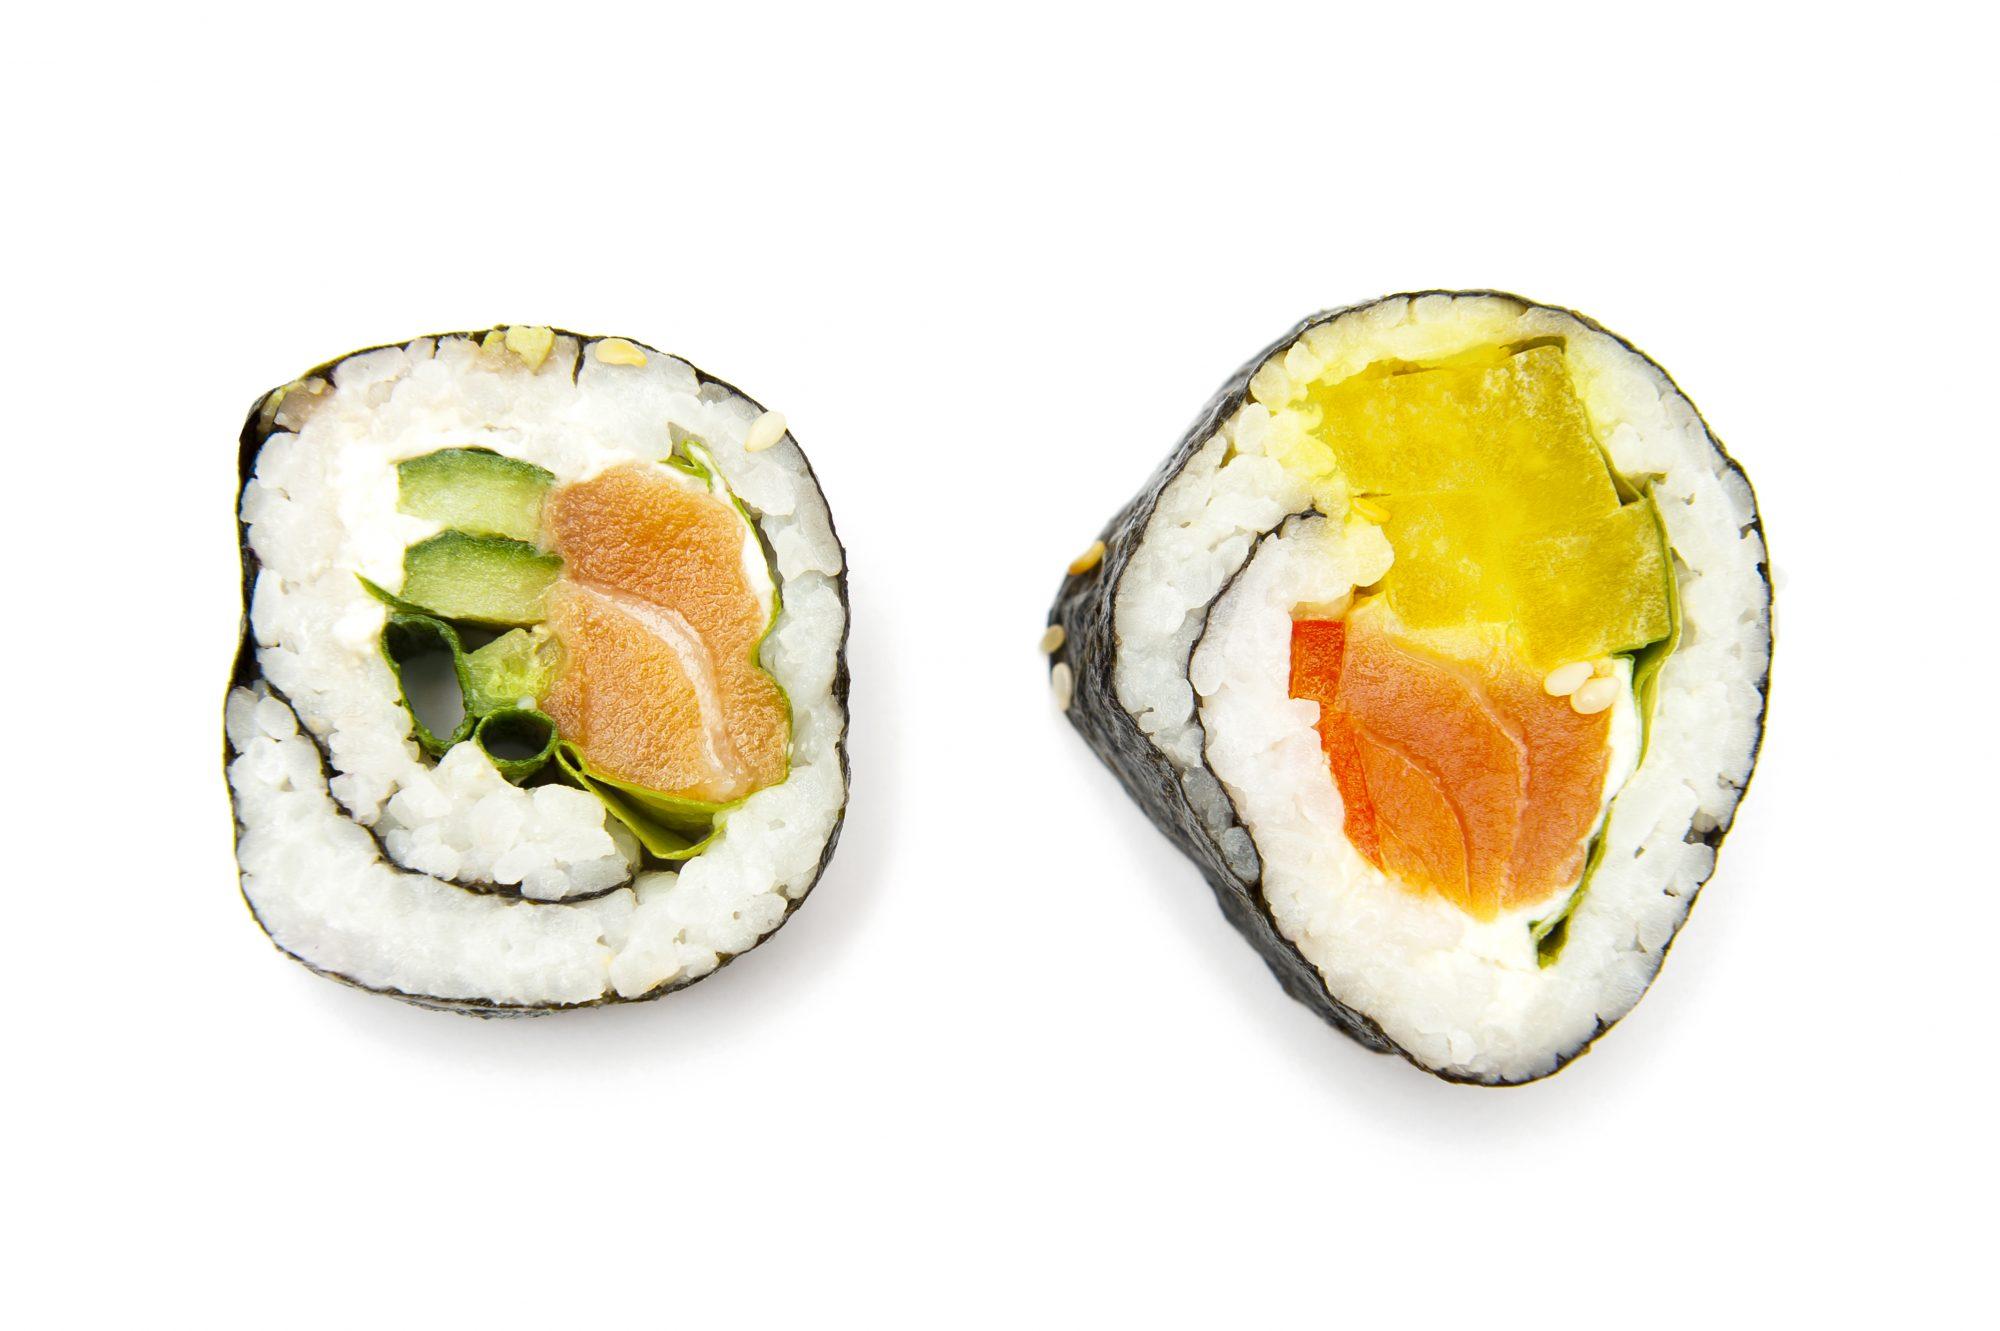 Sushi 2 Getty 3/25/20